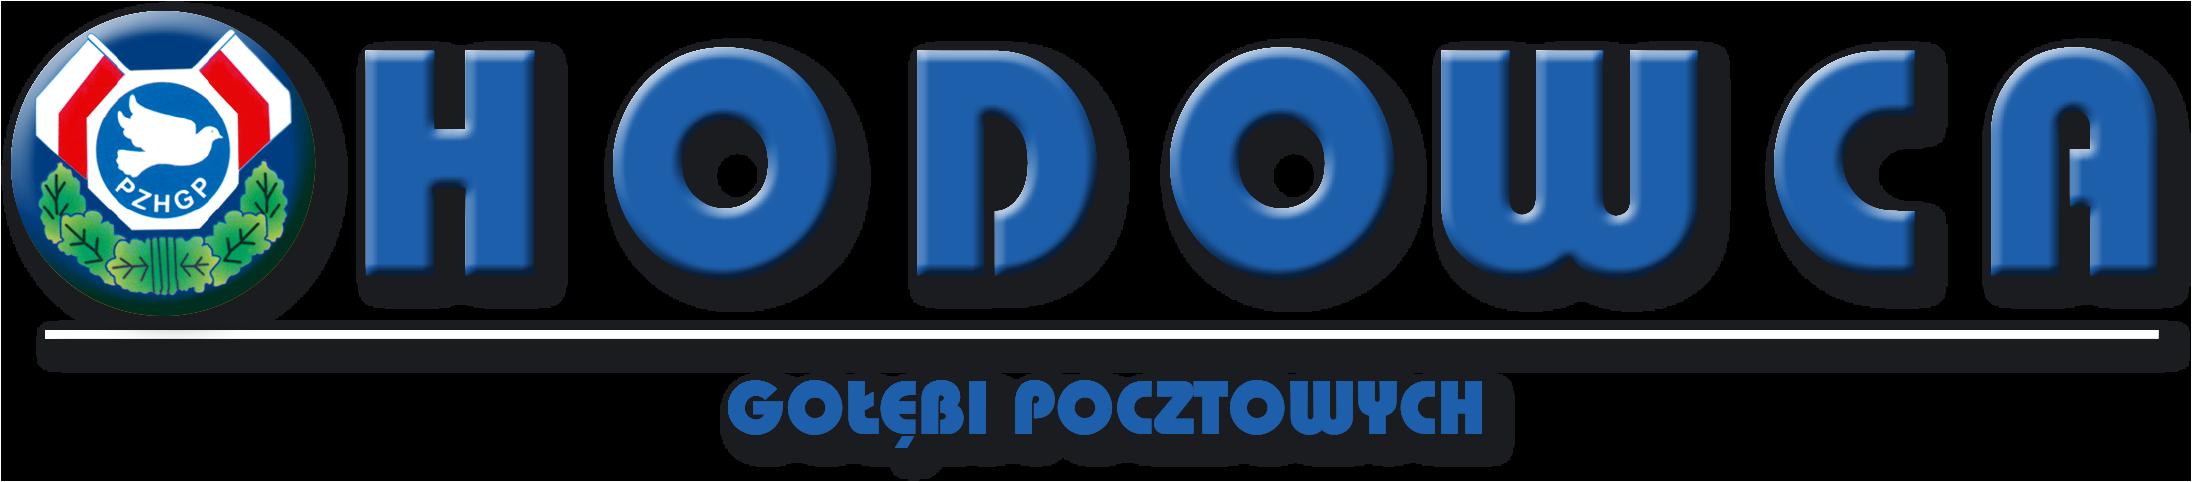 Strona główna gazety Hodowca PZHGP